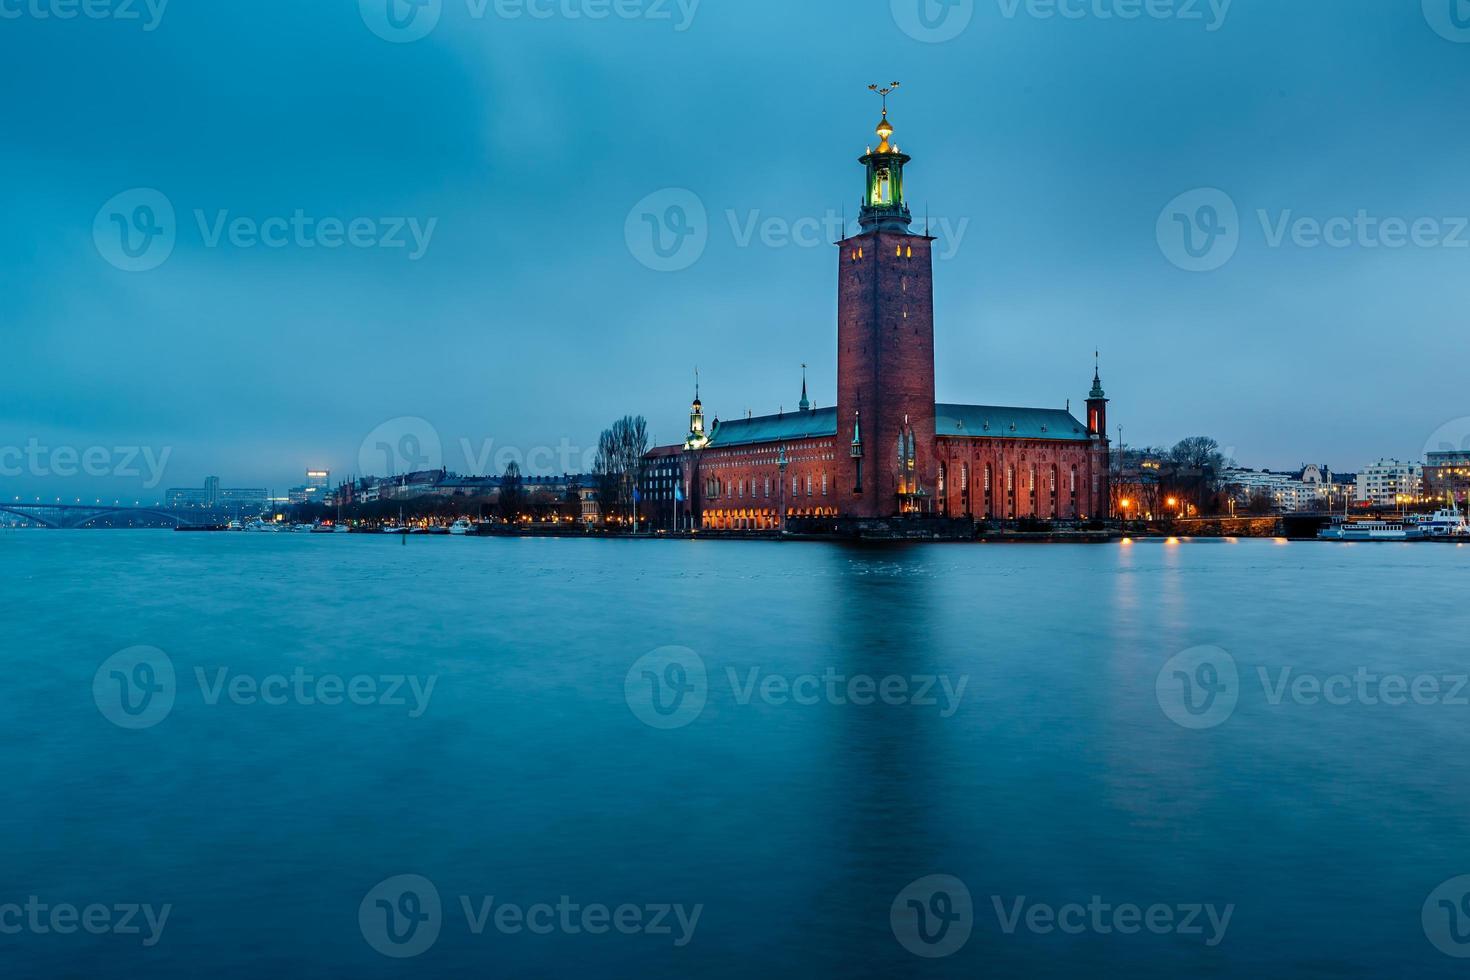 Stockholmer Rathaus auf der Insel Kungsholmen am Morgen foto